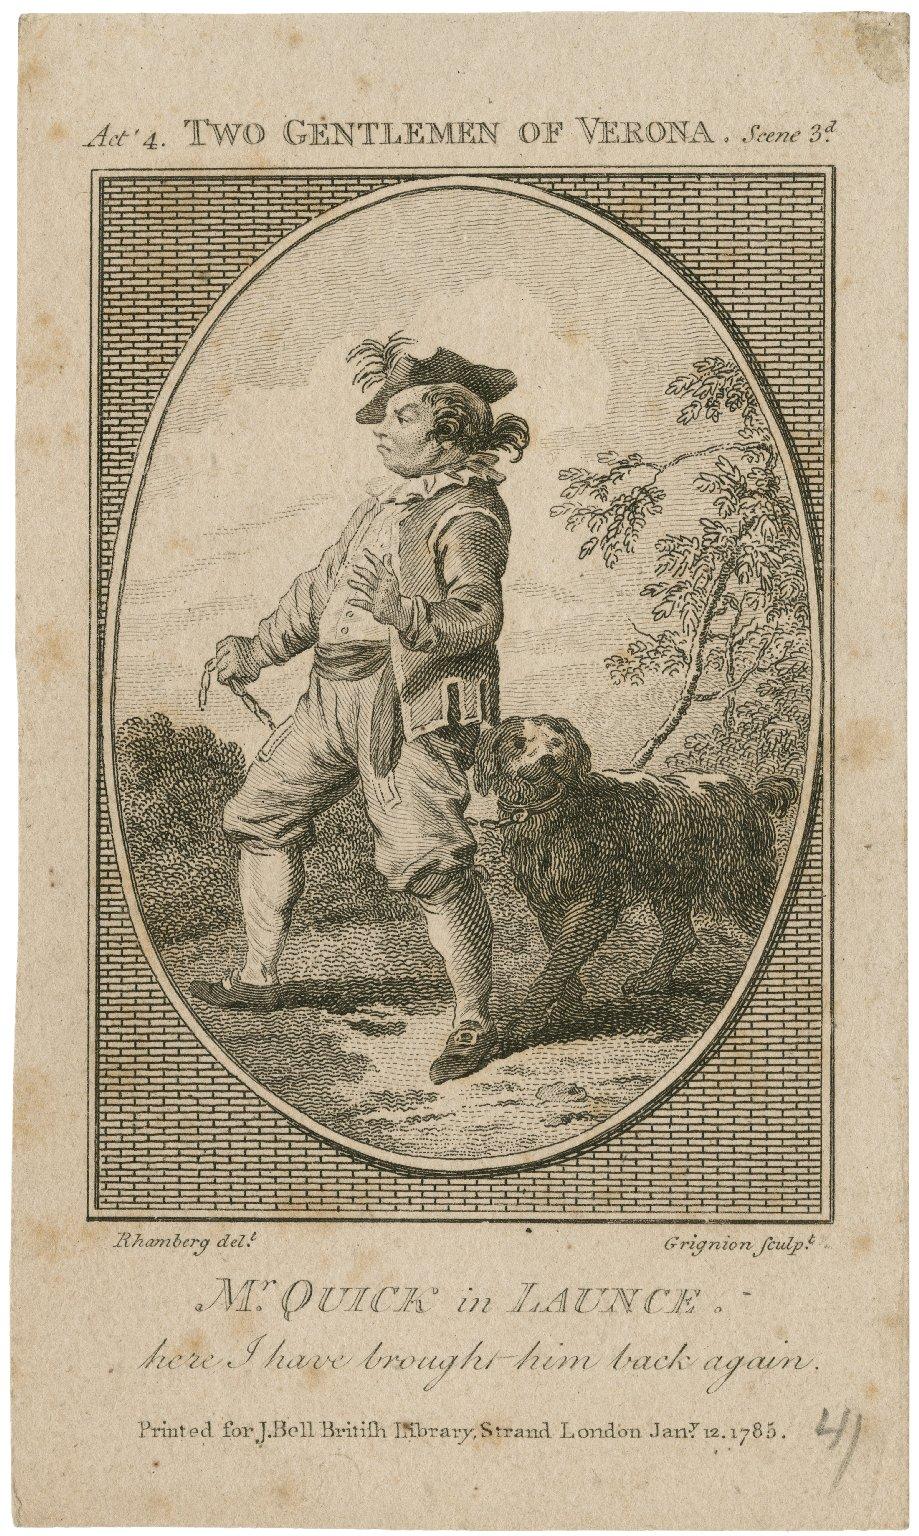 Mr. Quick in Launce ... [in Shakespeare's] Two gentlemen of Verona ... [graphic] / Rhamberg delt. ; Grignion sculpt.